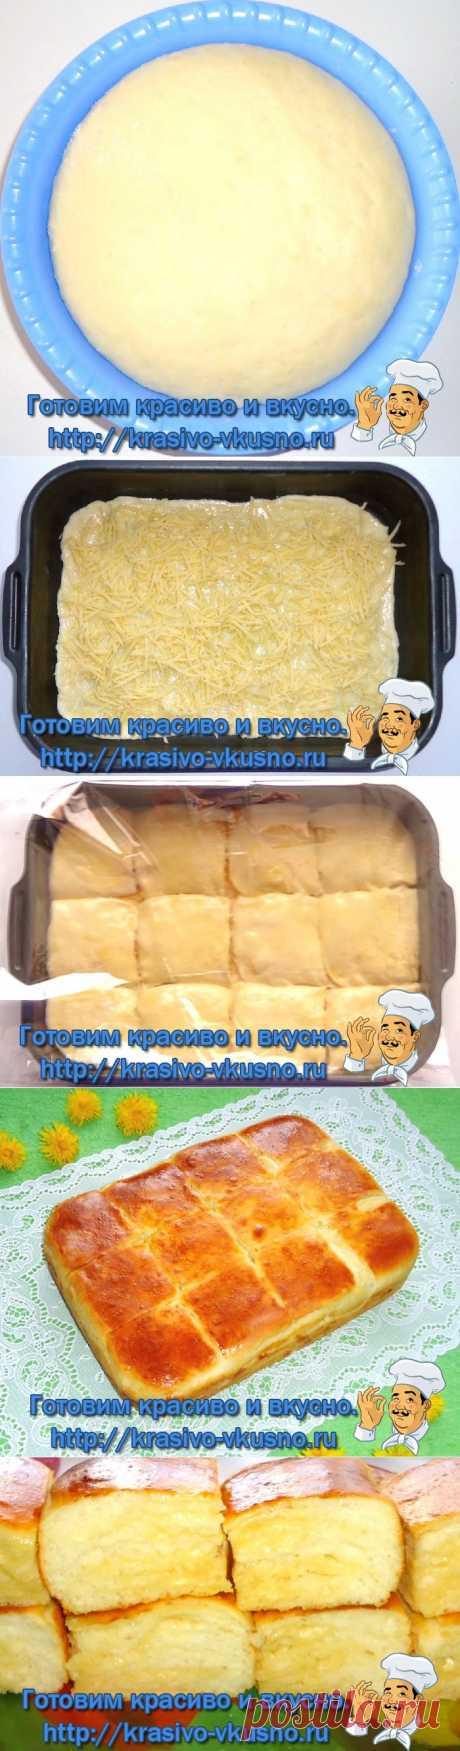 Очень вкусный пирог с сыром - Поверьте, нет ничего вкуснее!.